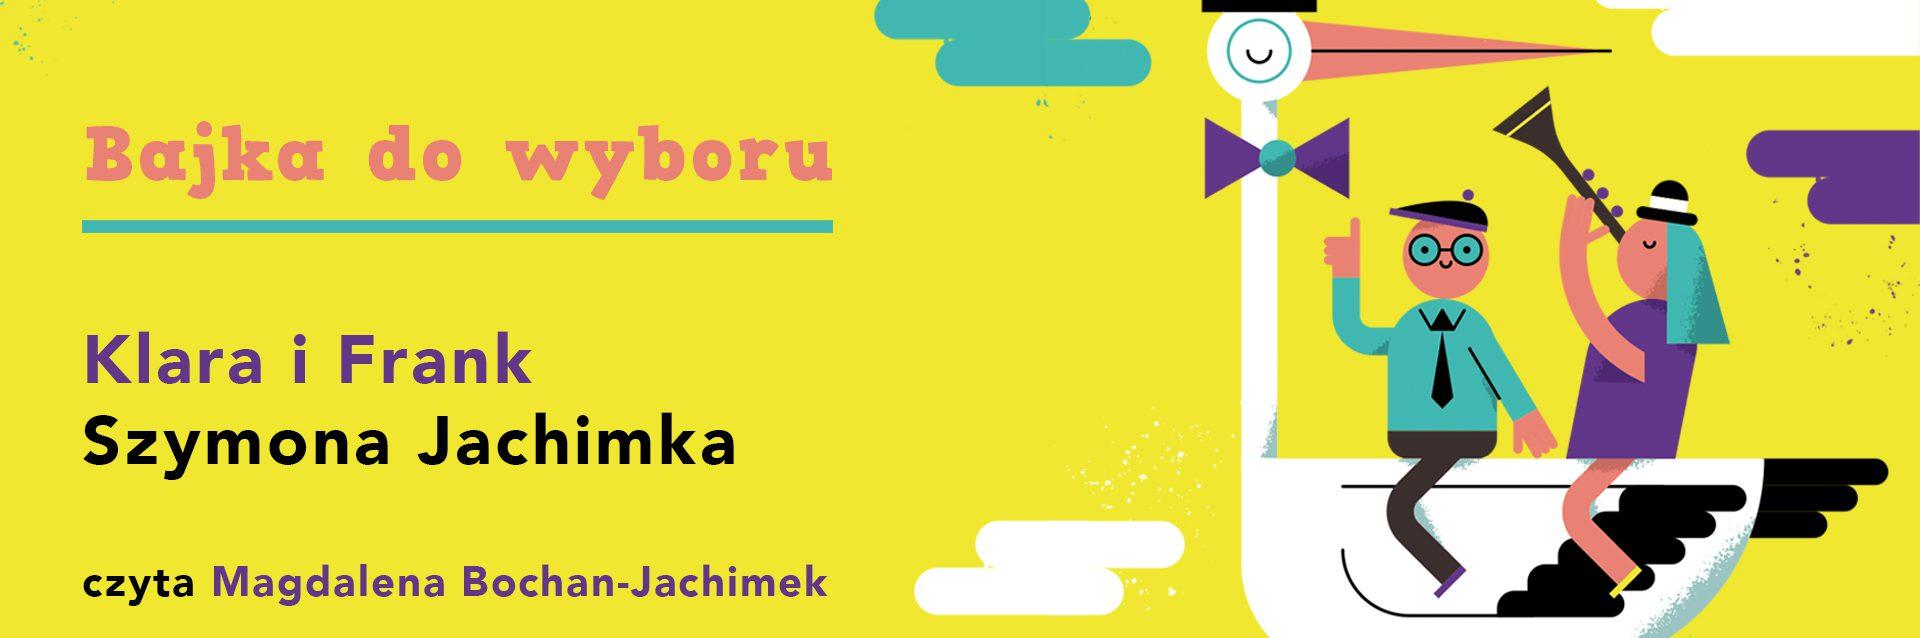 """Bajka do wyboru… """"Klara i Frank"""" PREMIERA ONLINE"""